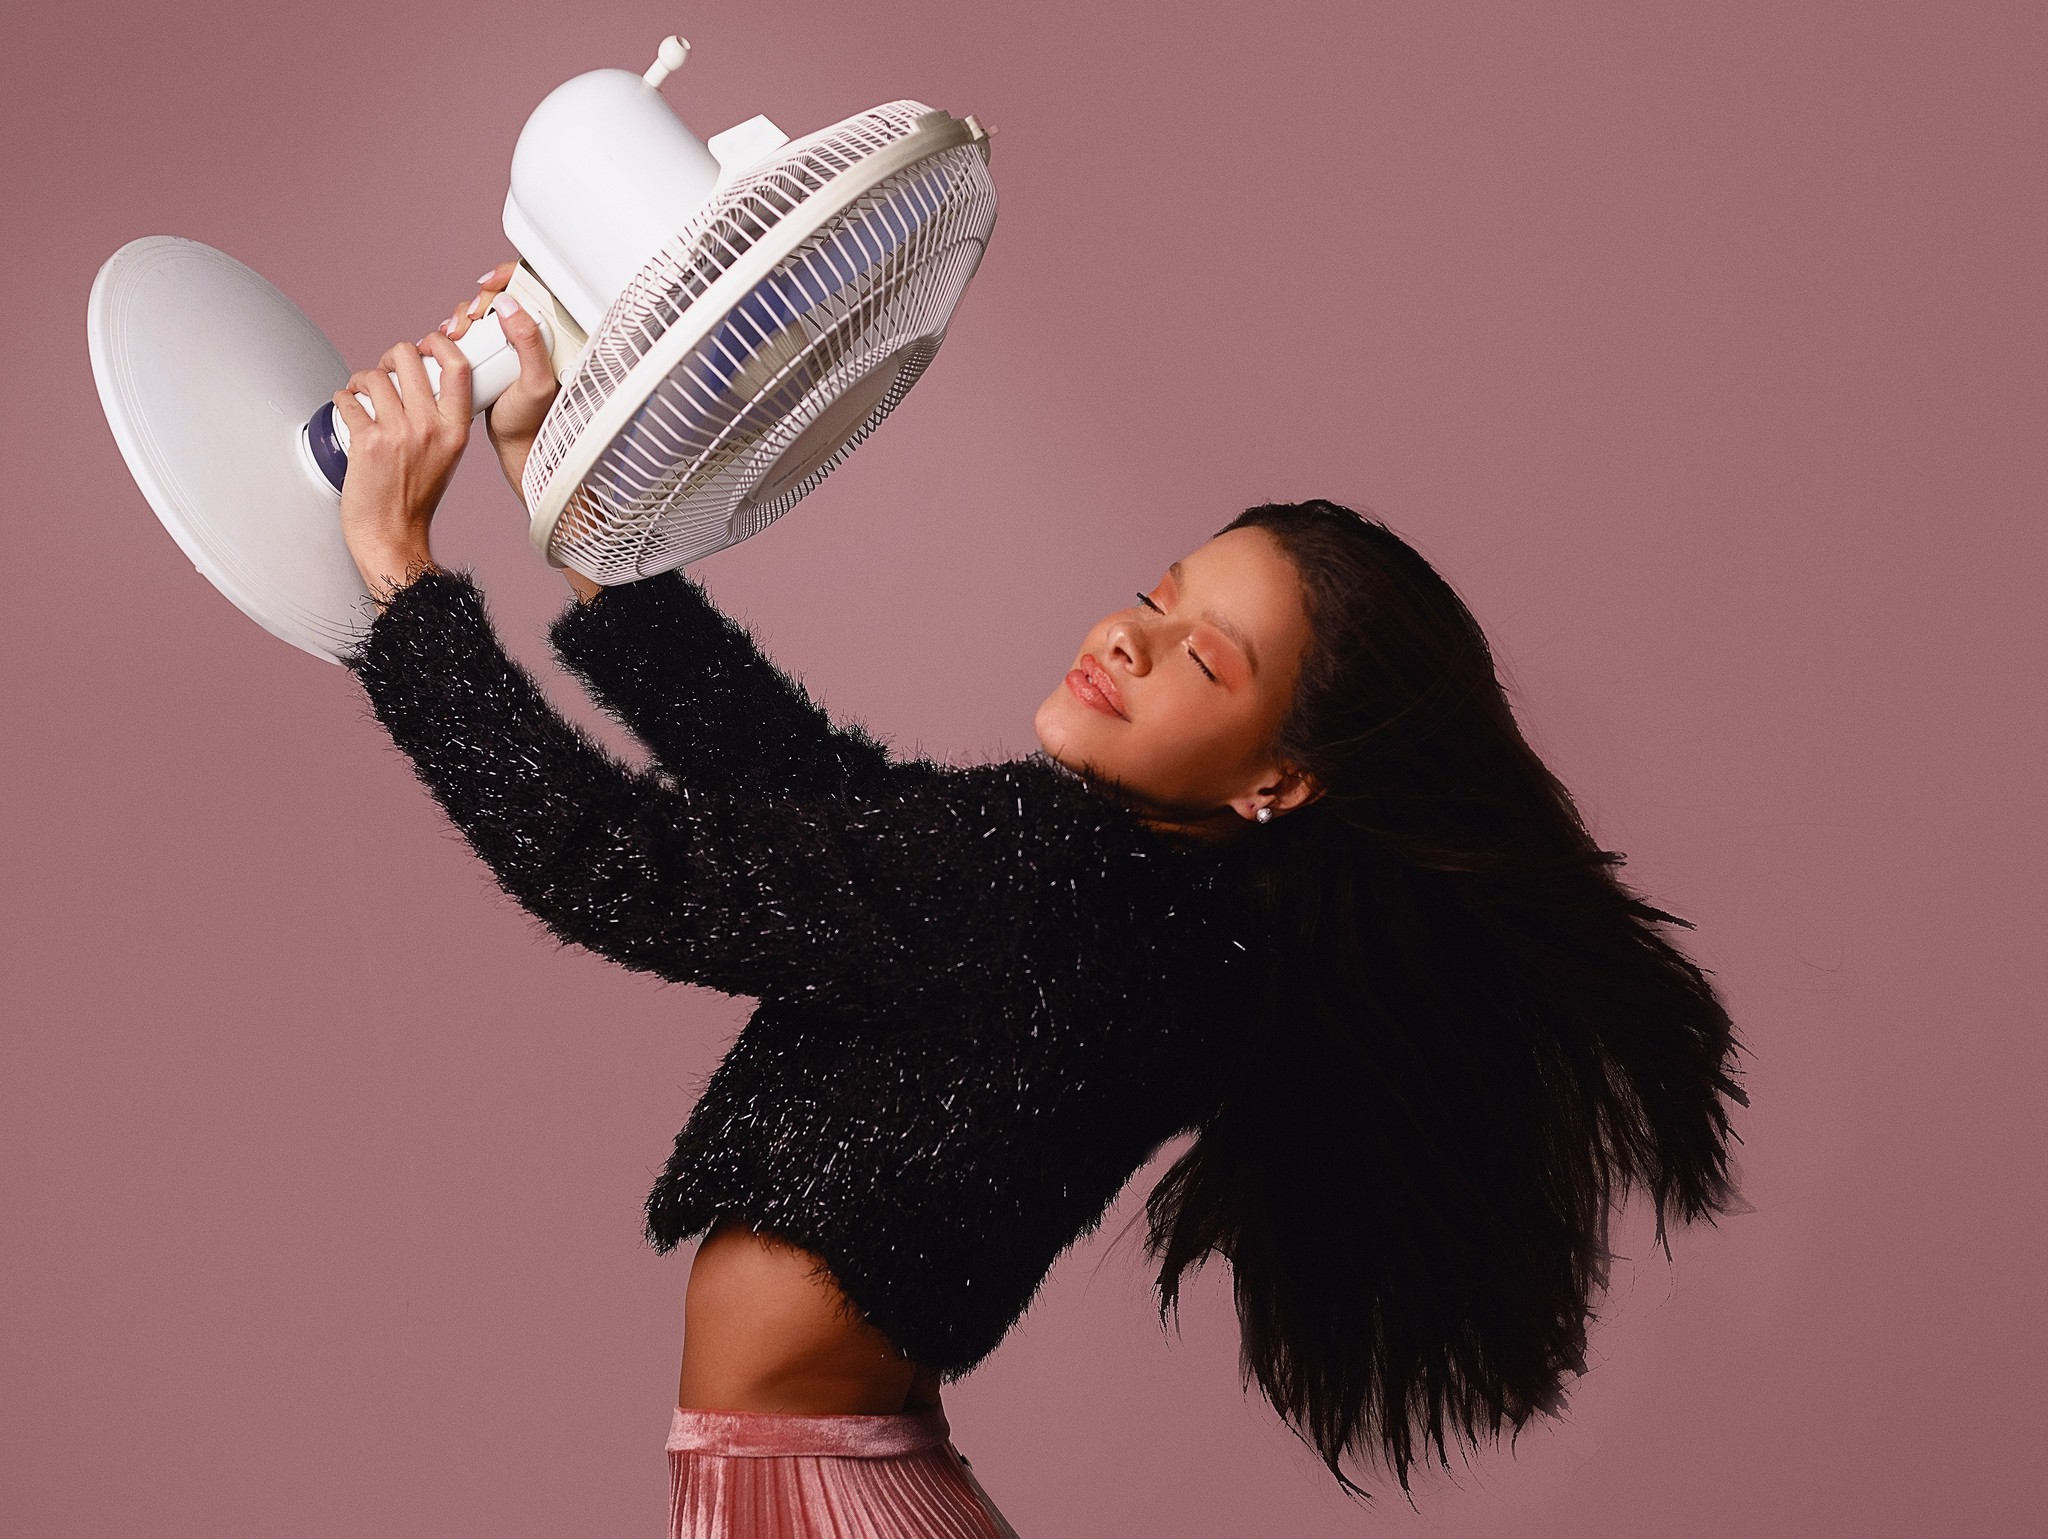 Ventilatoren   Aircoolers   Airco's   Zorgen voor een aangename verkoeling!